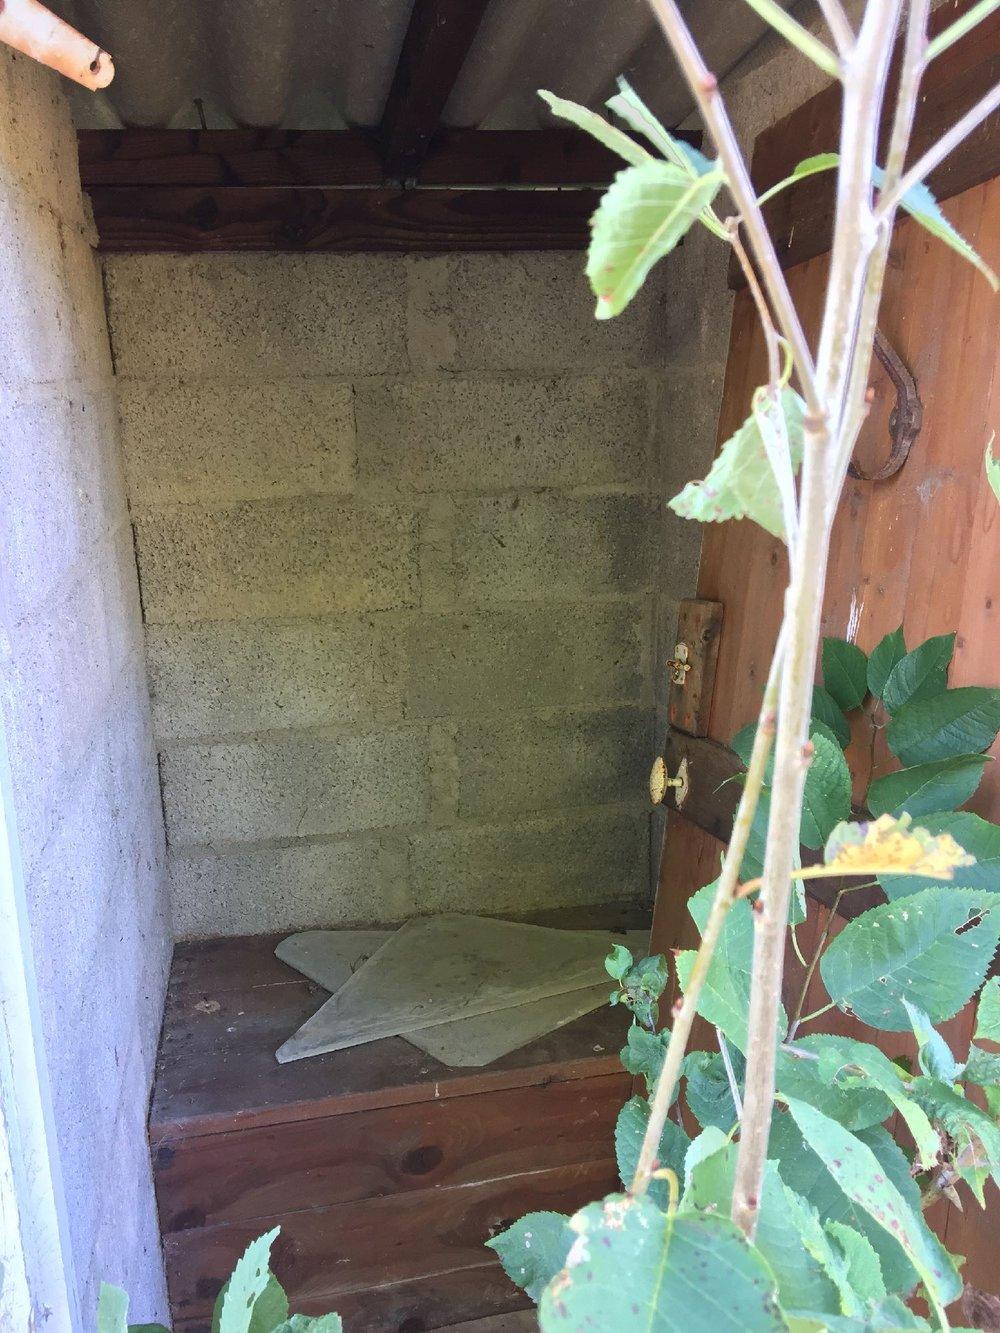 Toilettes latrines dans le jardin en Corrèze | Maussac | France | photo sandrine cohen